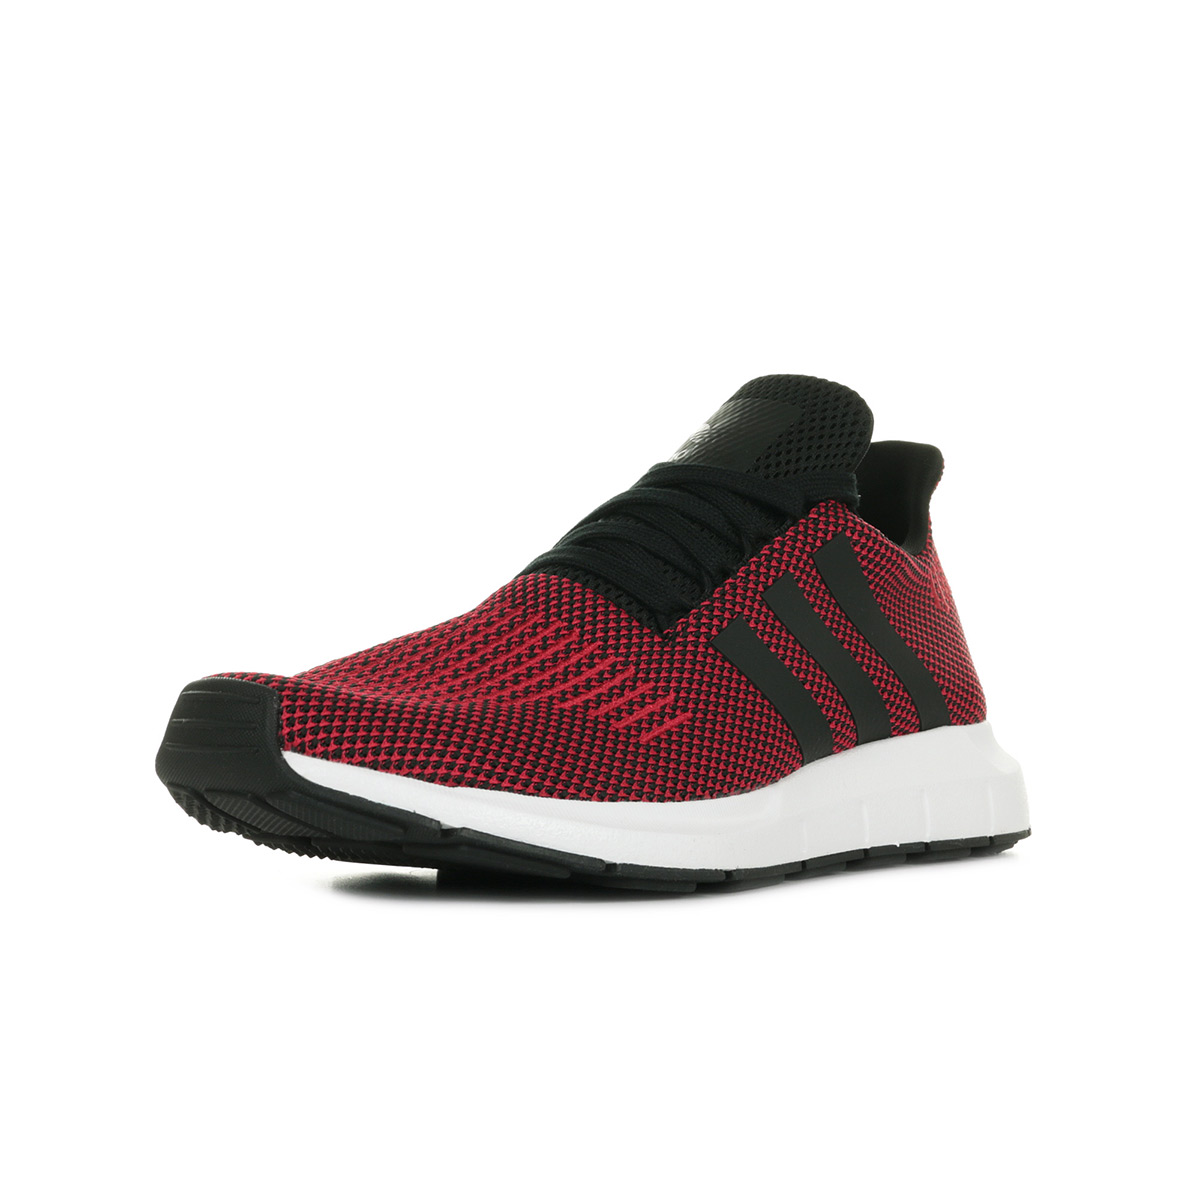 Détails sur Chaussures Baskets adidas homme Swift Run taille Rouge Textile Lacets